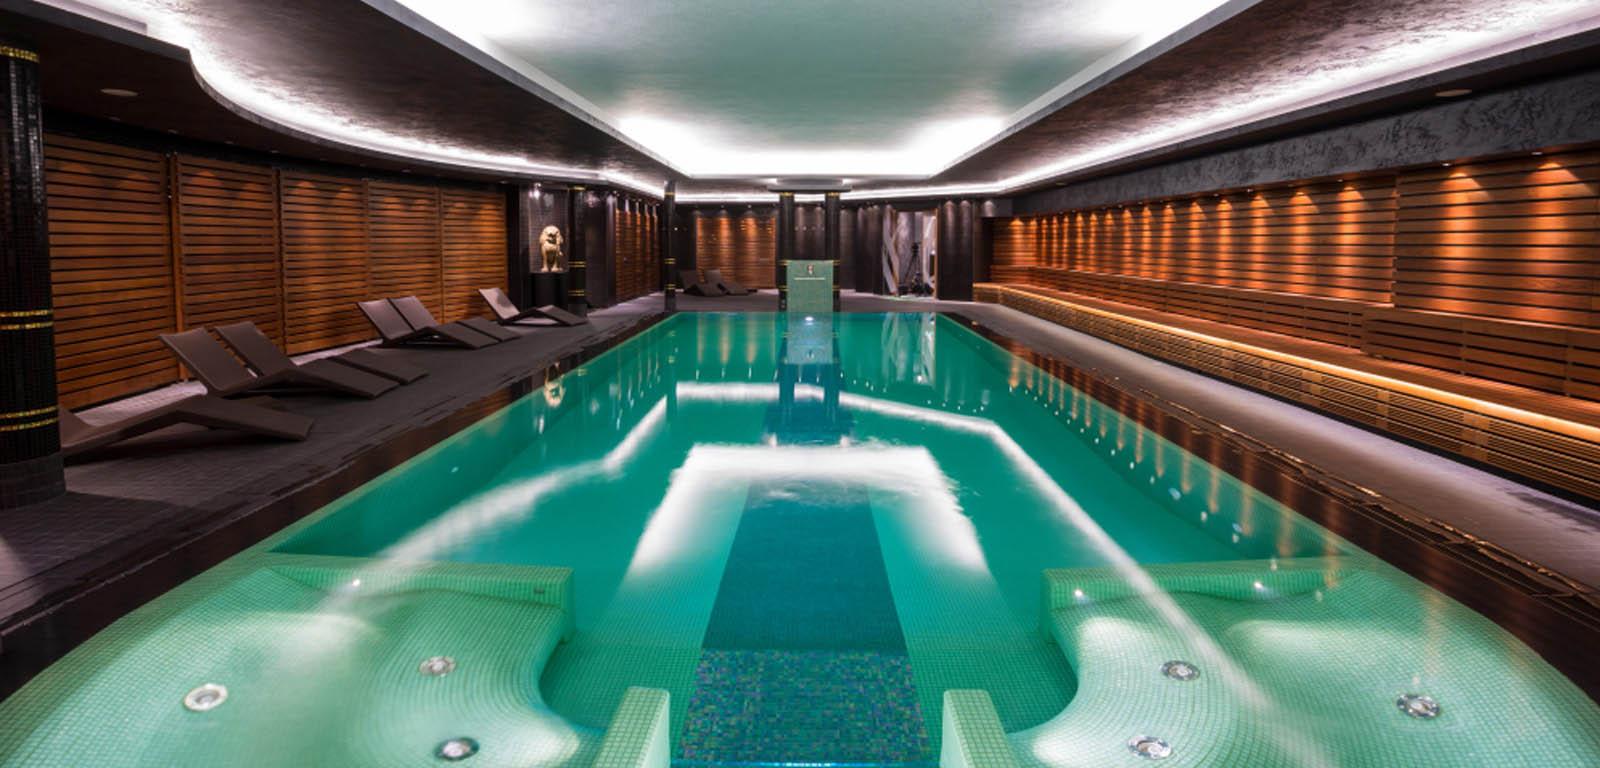 Mosaico per piscine piscine castiglione for Casino piscine aley